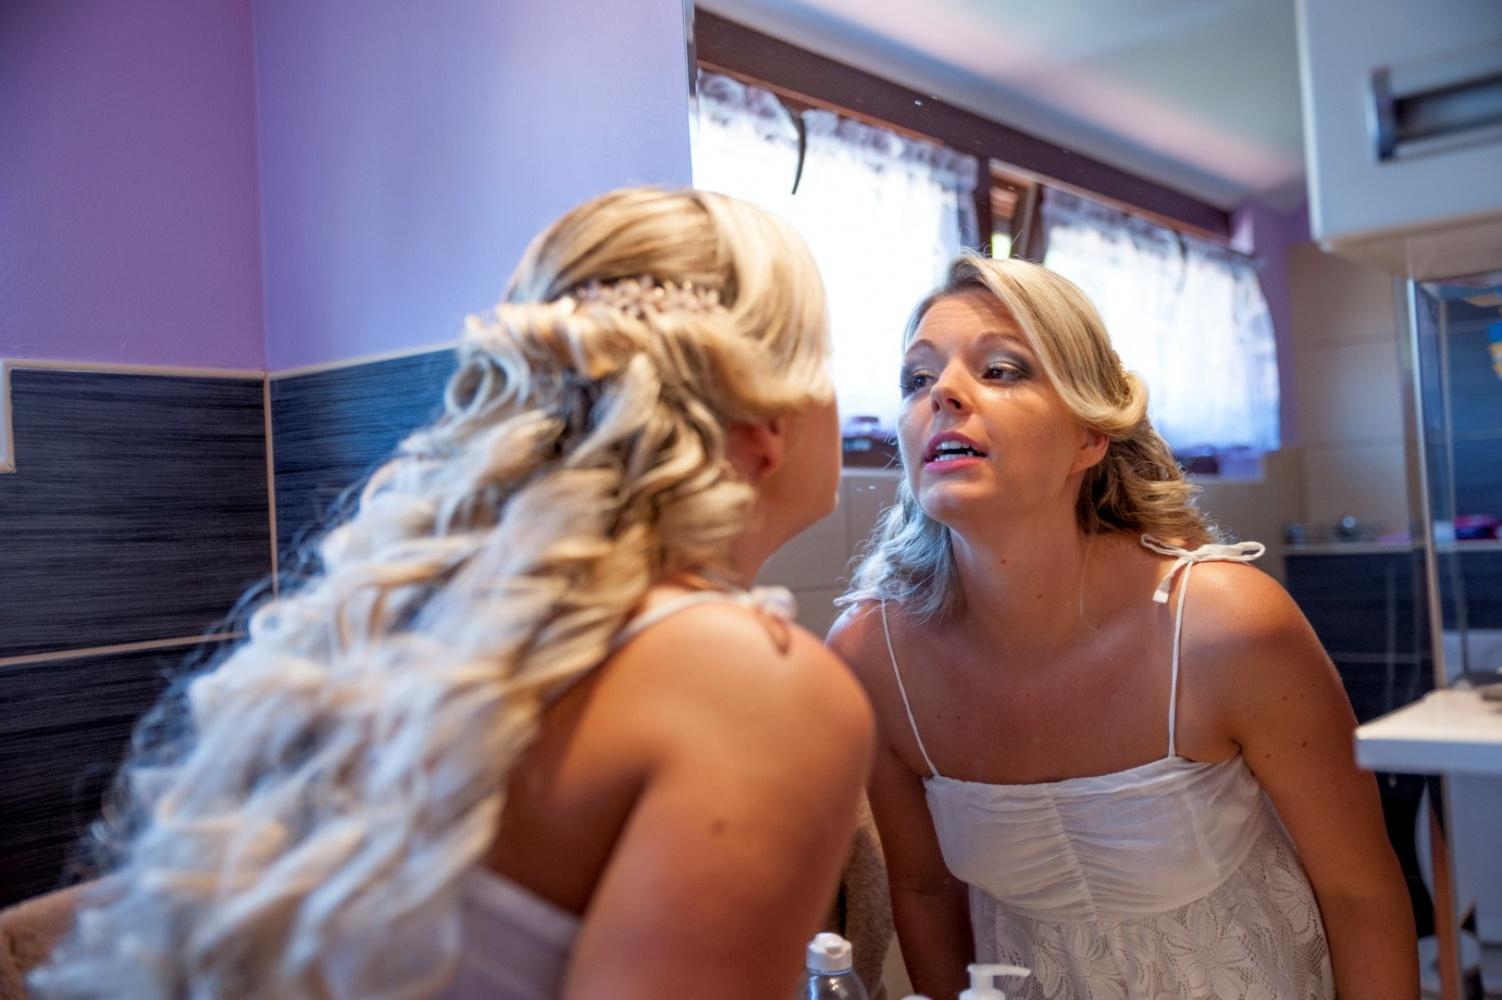 http://www.fotoz.sk/images/gallery-22/normal/eskuvoi-fotos_svadobny-fotograf_321.jpg